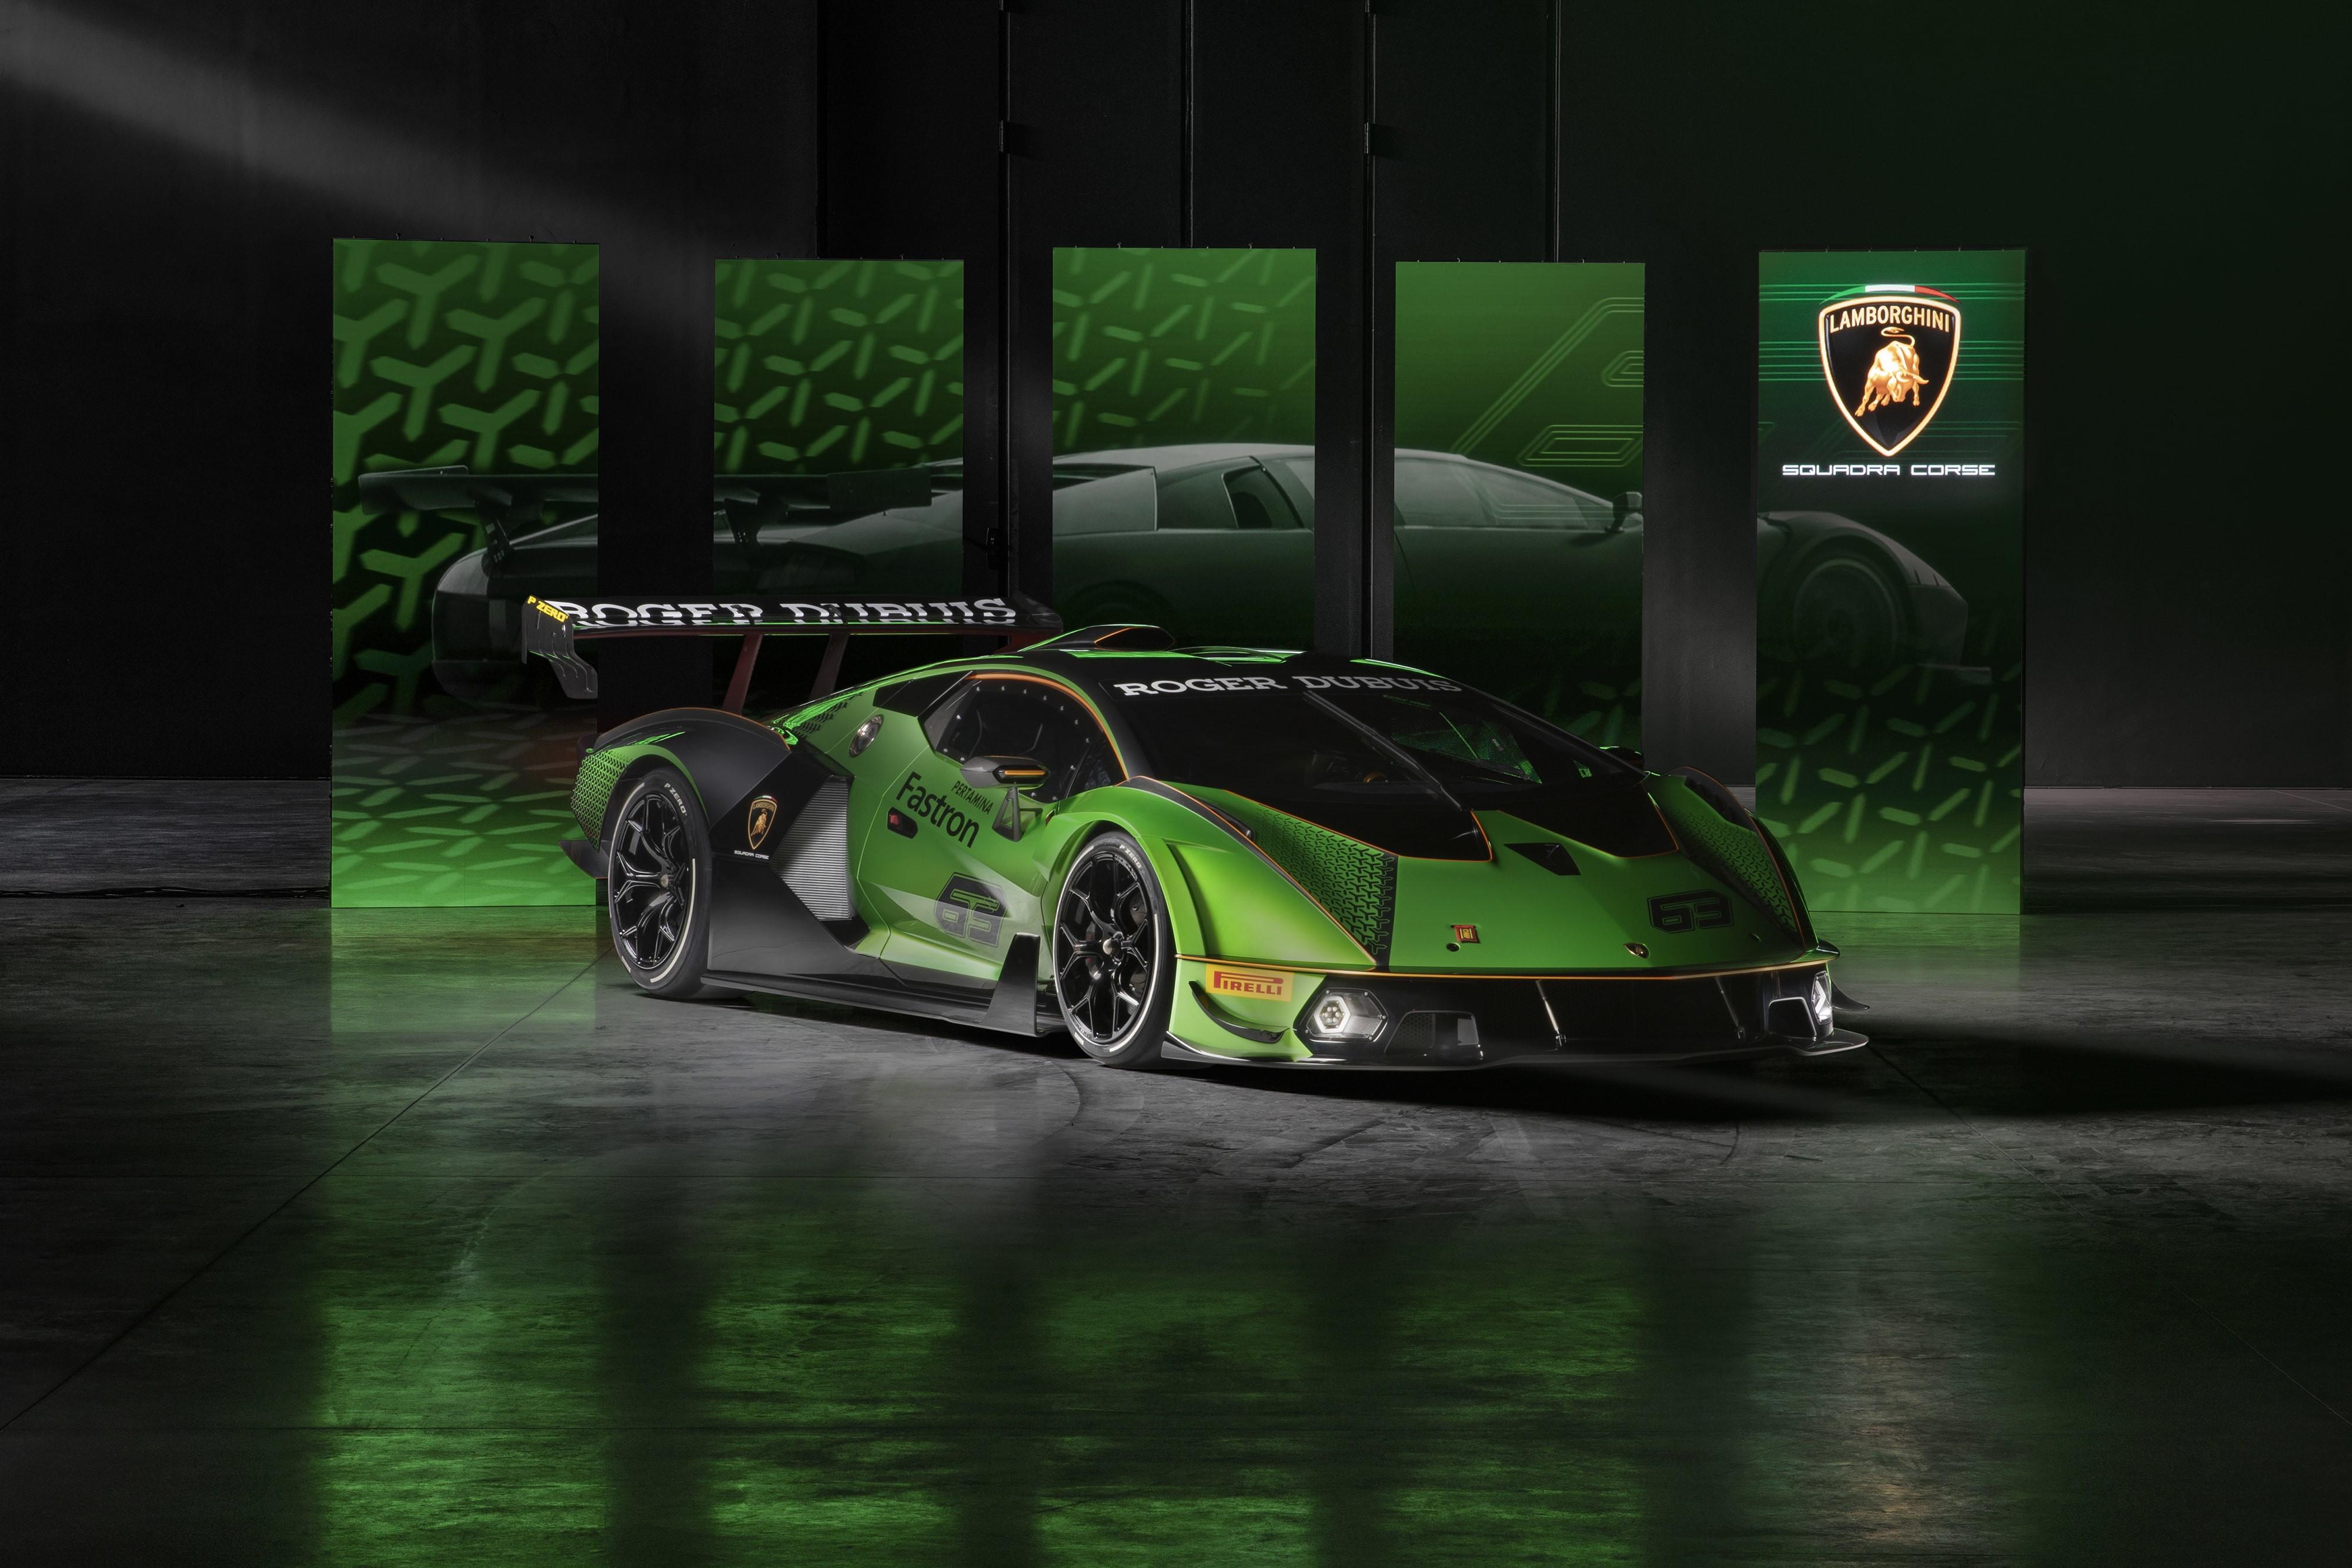 """Verde e nera, aggressiva come non mai: ecco svelata ufficialmente la livrea della nuova Lamborghini Essenza SCV12. Un gioiello per pochi visto che il reparto Squadra Corse della casa di Sant'Agasta Bolognese ne costruirà solo 40 esemplari. Una serie limitata per i clienti che vorranno divertirsi in pista come i piloti veri. """"Essenza SCV12 rappresenta la più pura esperienza di guida in pista che il nostro marchio possa offrire, un'impresa ingegneristica che sottolinea il legame indissolubile tra il nostro Marchio e l'asfalto della pista. Lamborghini è un brand costantemente rivolto al futuro e in cerca di sfide innovative, ma non dimentichiamo mai le nostre radici e ciò che siamo: costruttori di auto supersportive. Essenza SCV12 è il perfetto connubio tra il nostro spirito non convenzionale e la vera passione per il motorsport"""", le parole del ceoStefano Domenicali nel presentare la Lamborghini più potente di sempre."""